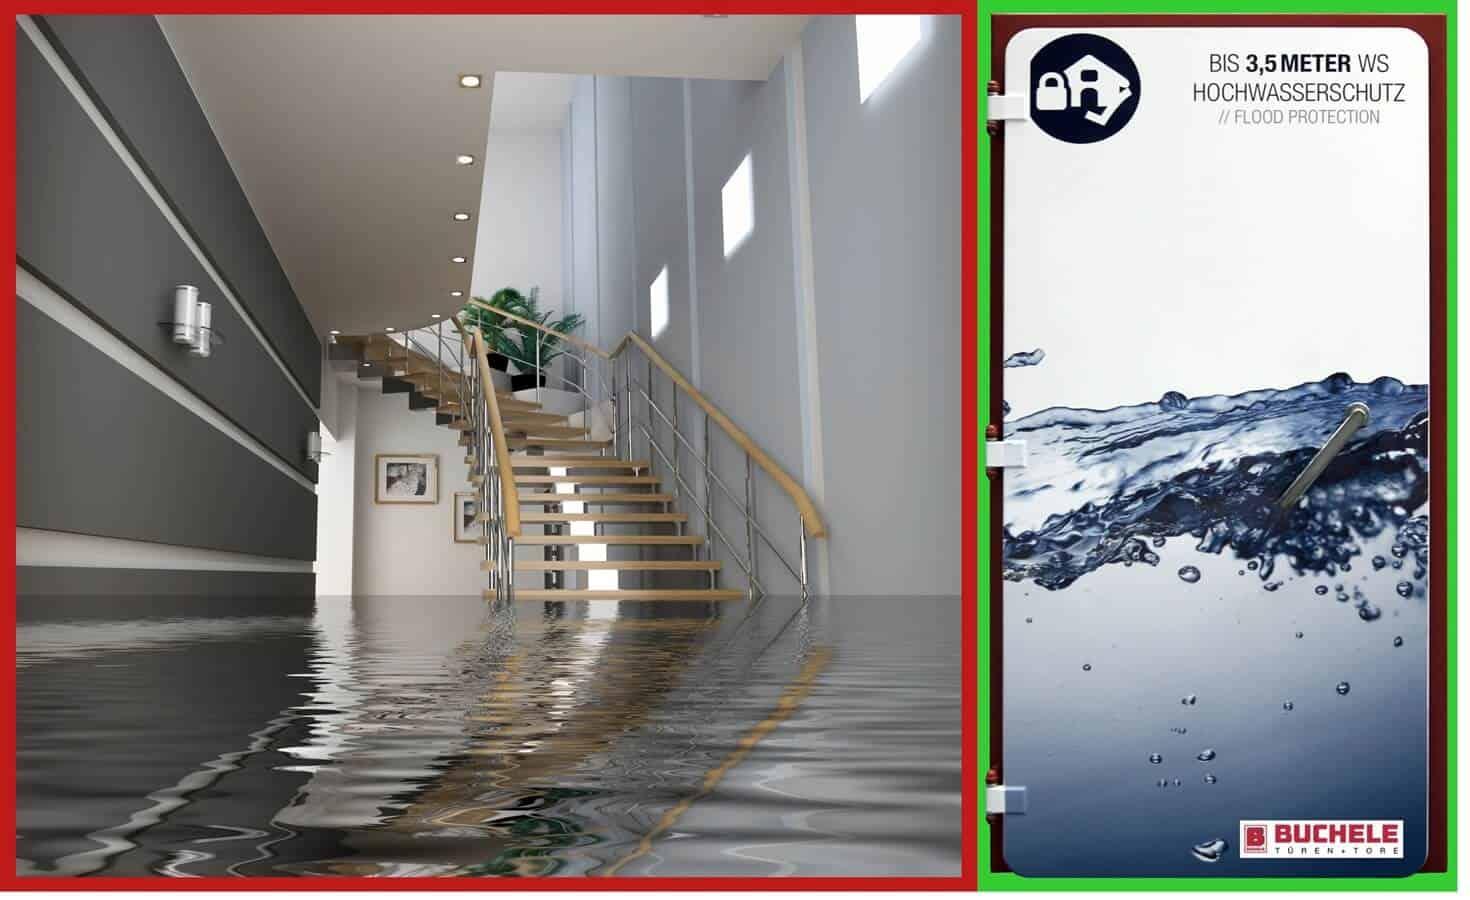 Ușa pentru protecții la inundații BUCHELE